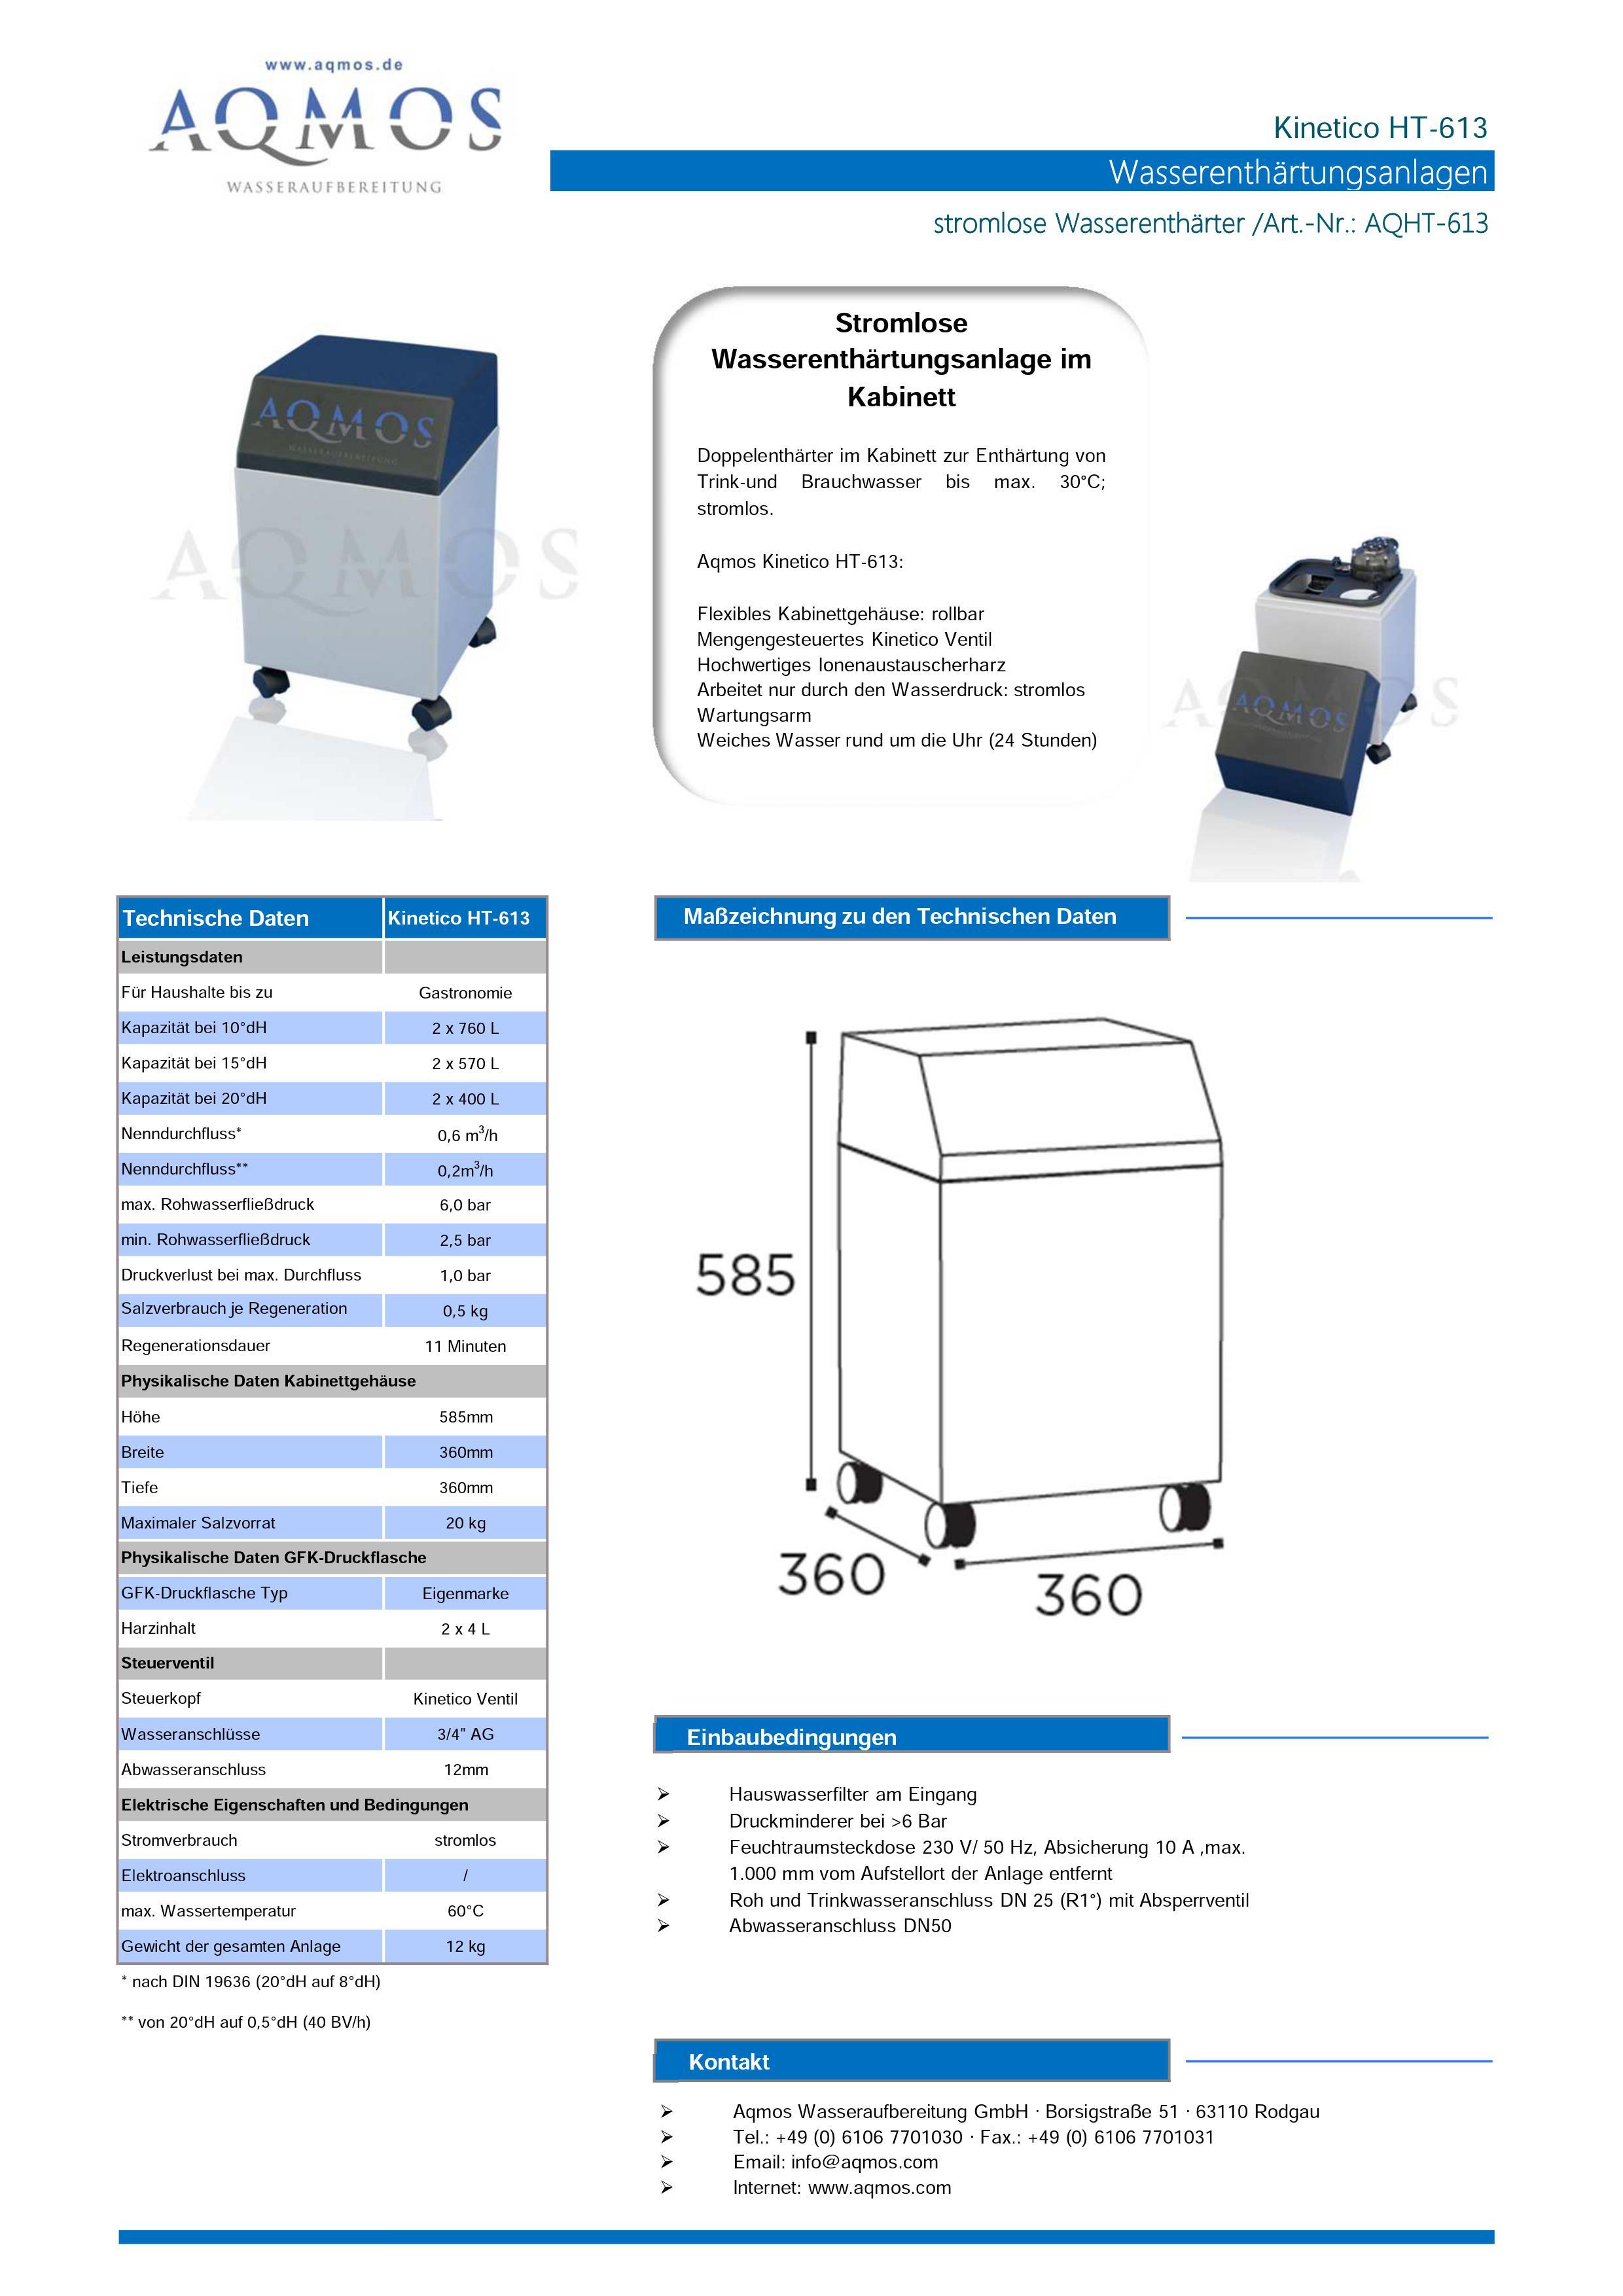 Kinetico-HT-613-Datenblatt